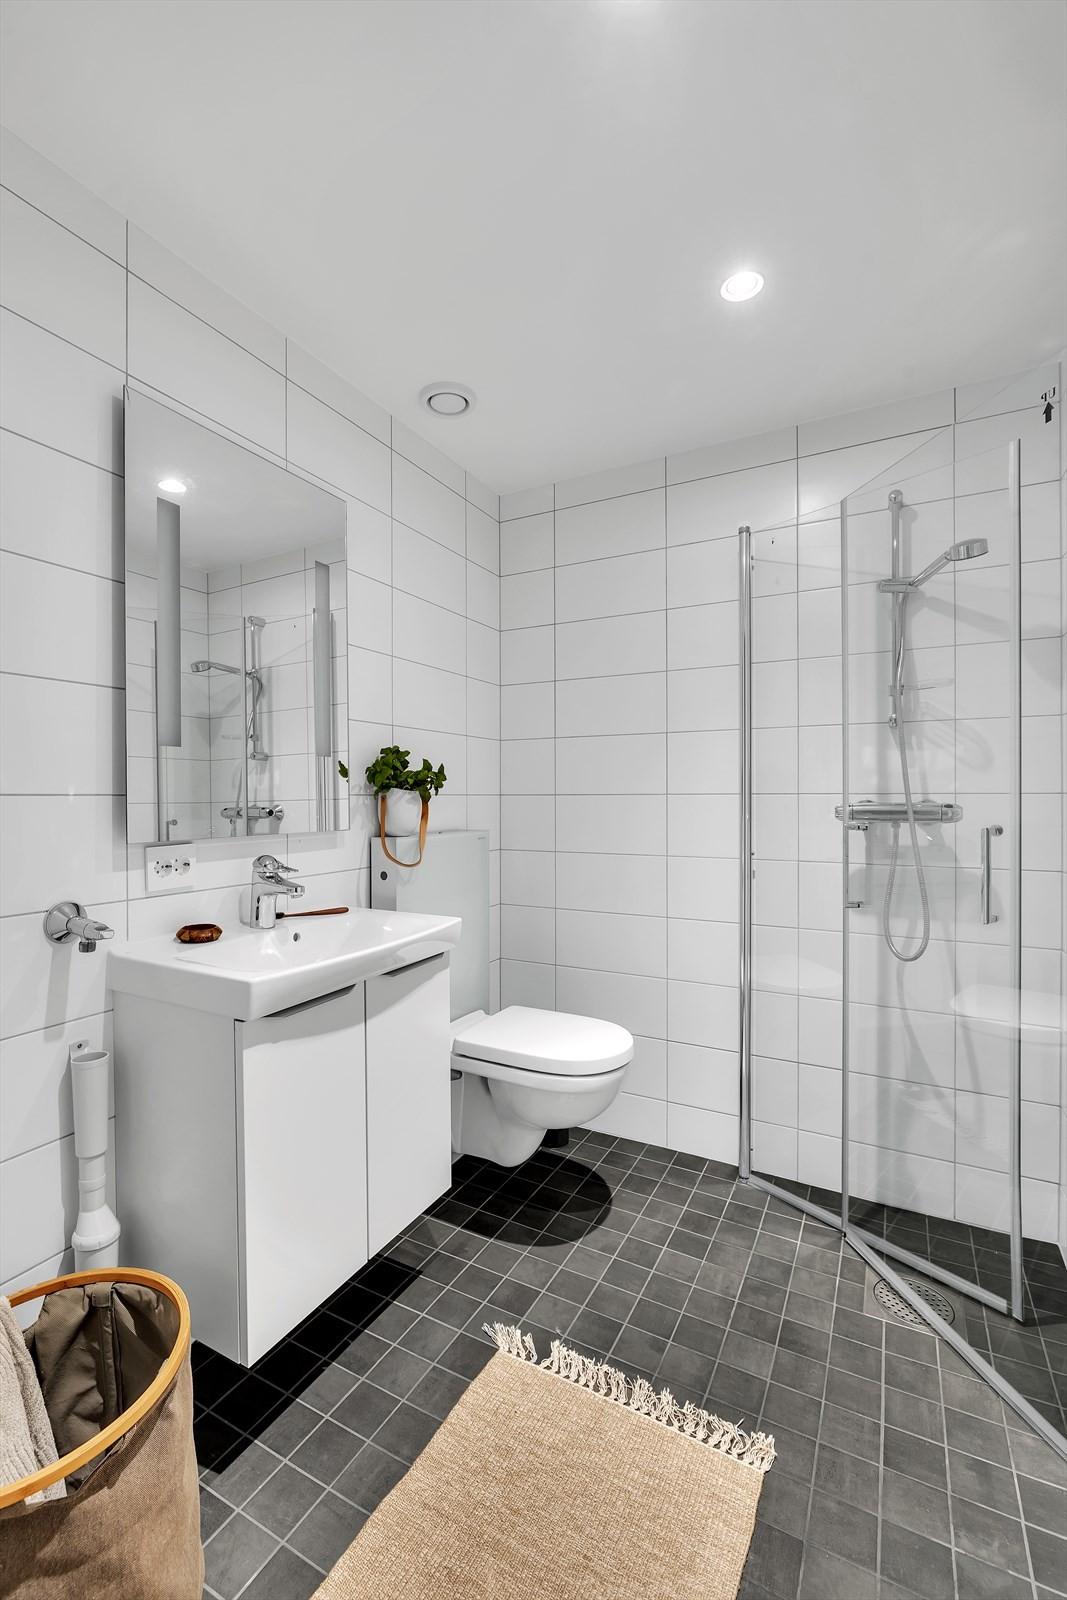 Flislagt bad med vegghengt wc, dusj og uttak for vaskemaskin i kjelleren